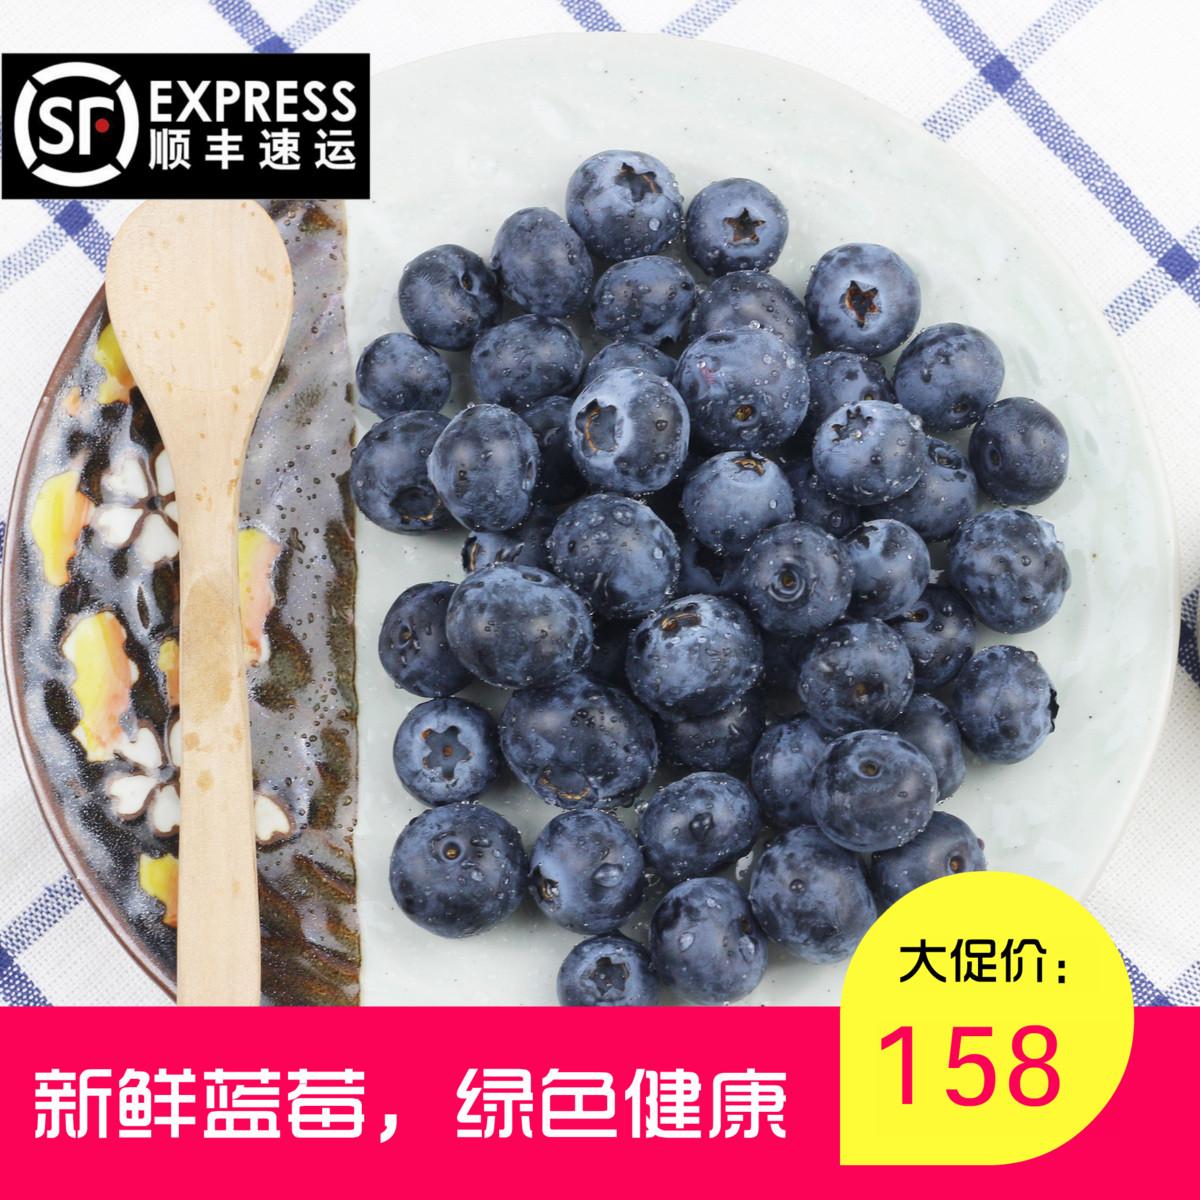 蓝莓新鲜水果蓝丰蓝莓宝宝辅食孕妇水果125g*6盒新鲜采摘顺丰包邮